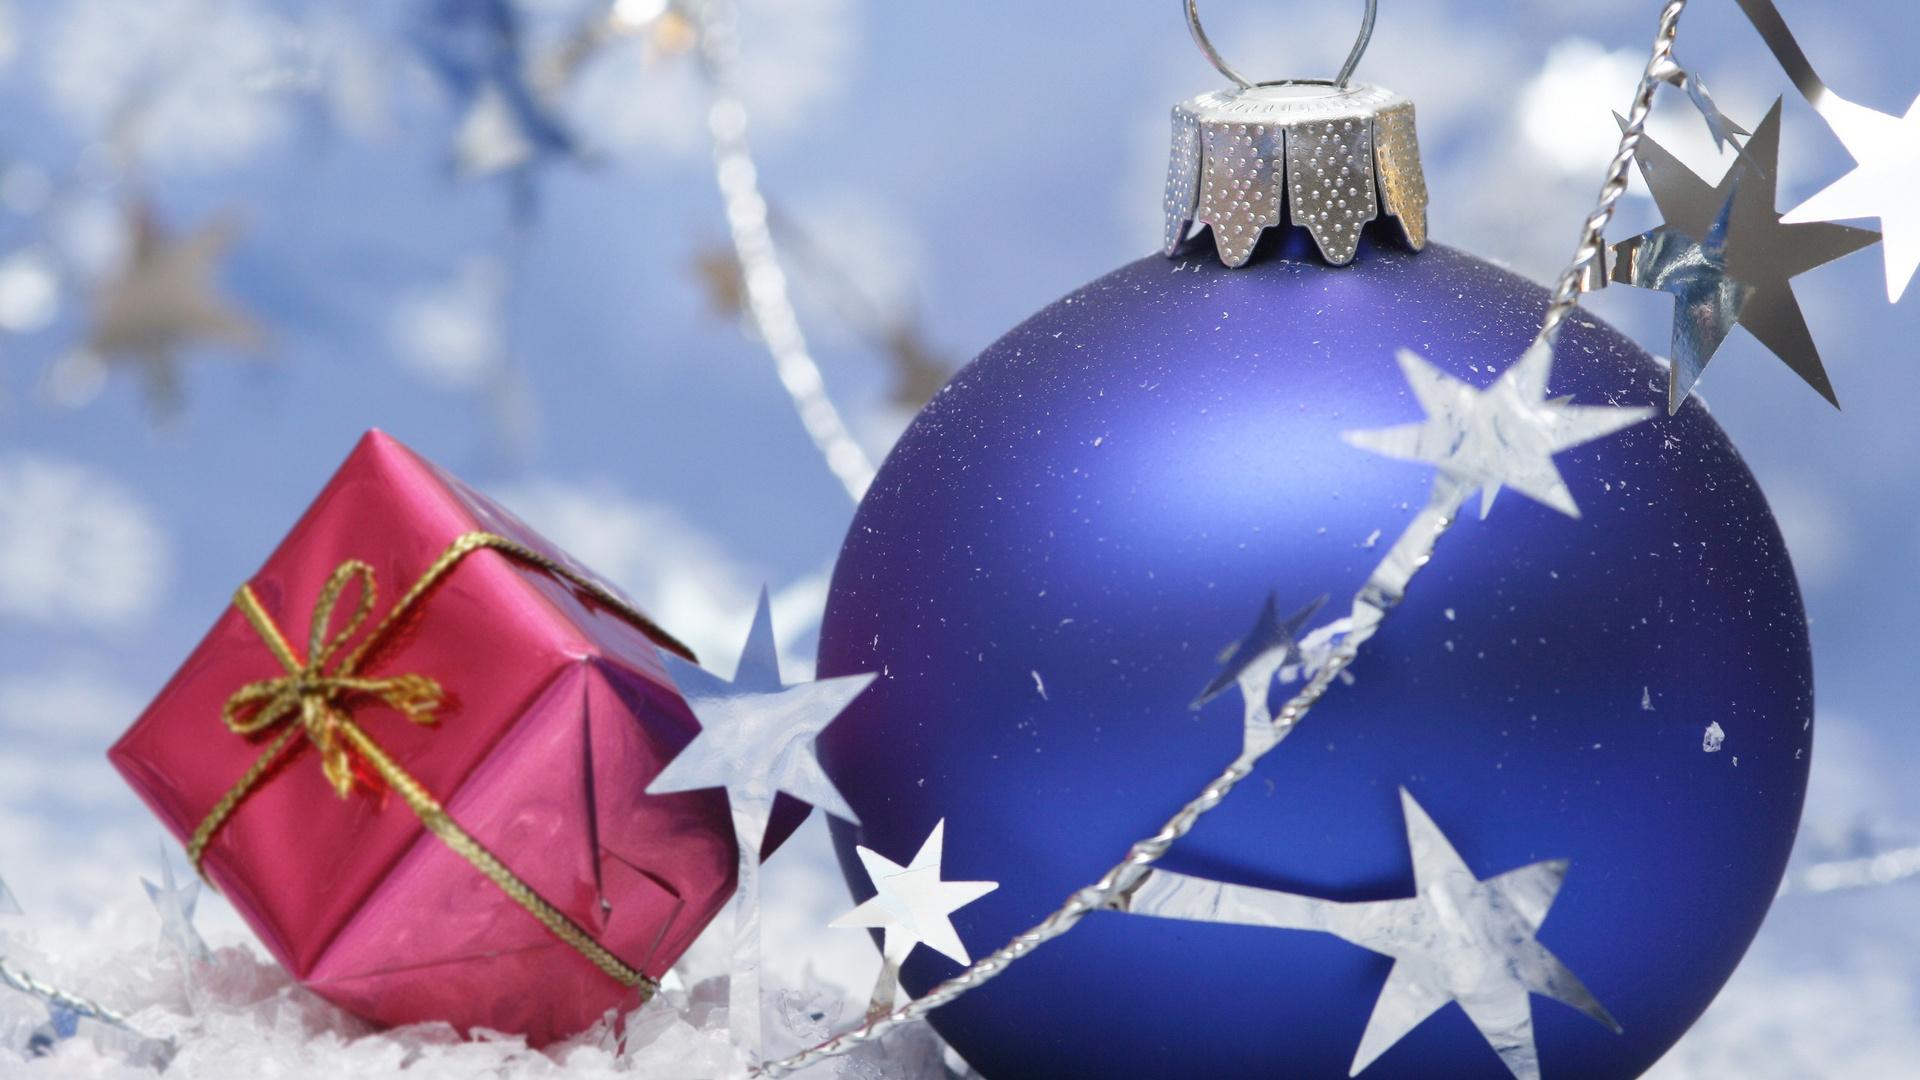 Hd шпалери кулі новий рік різдво